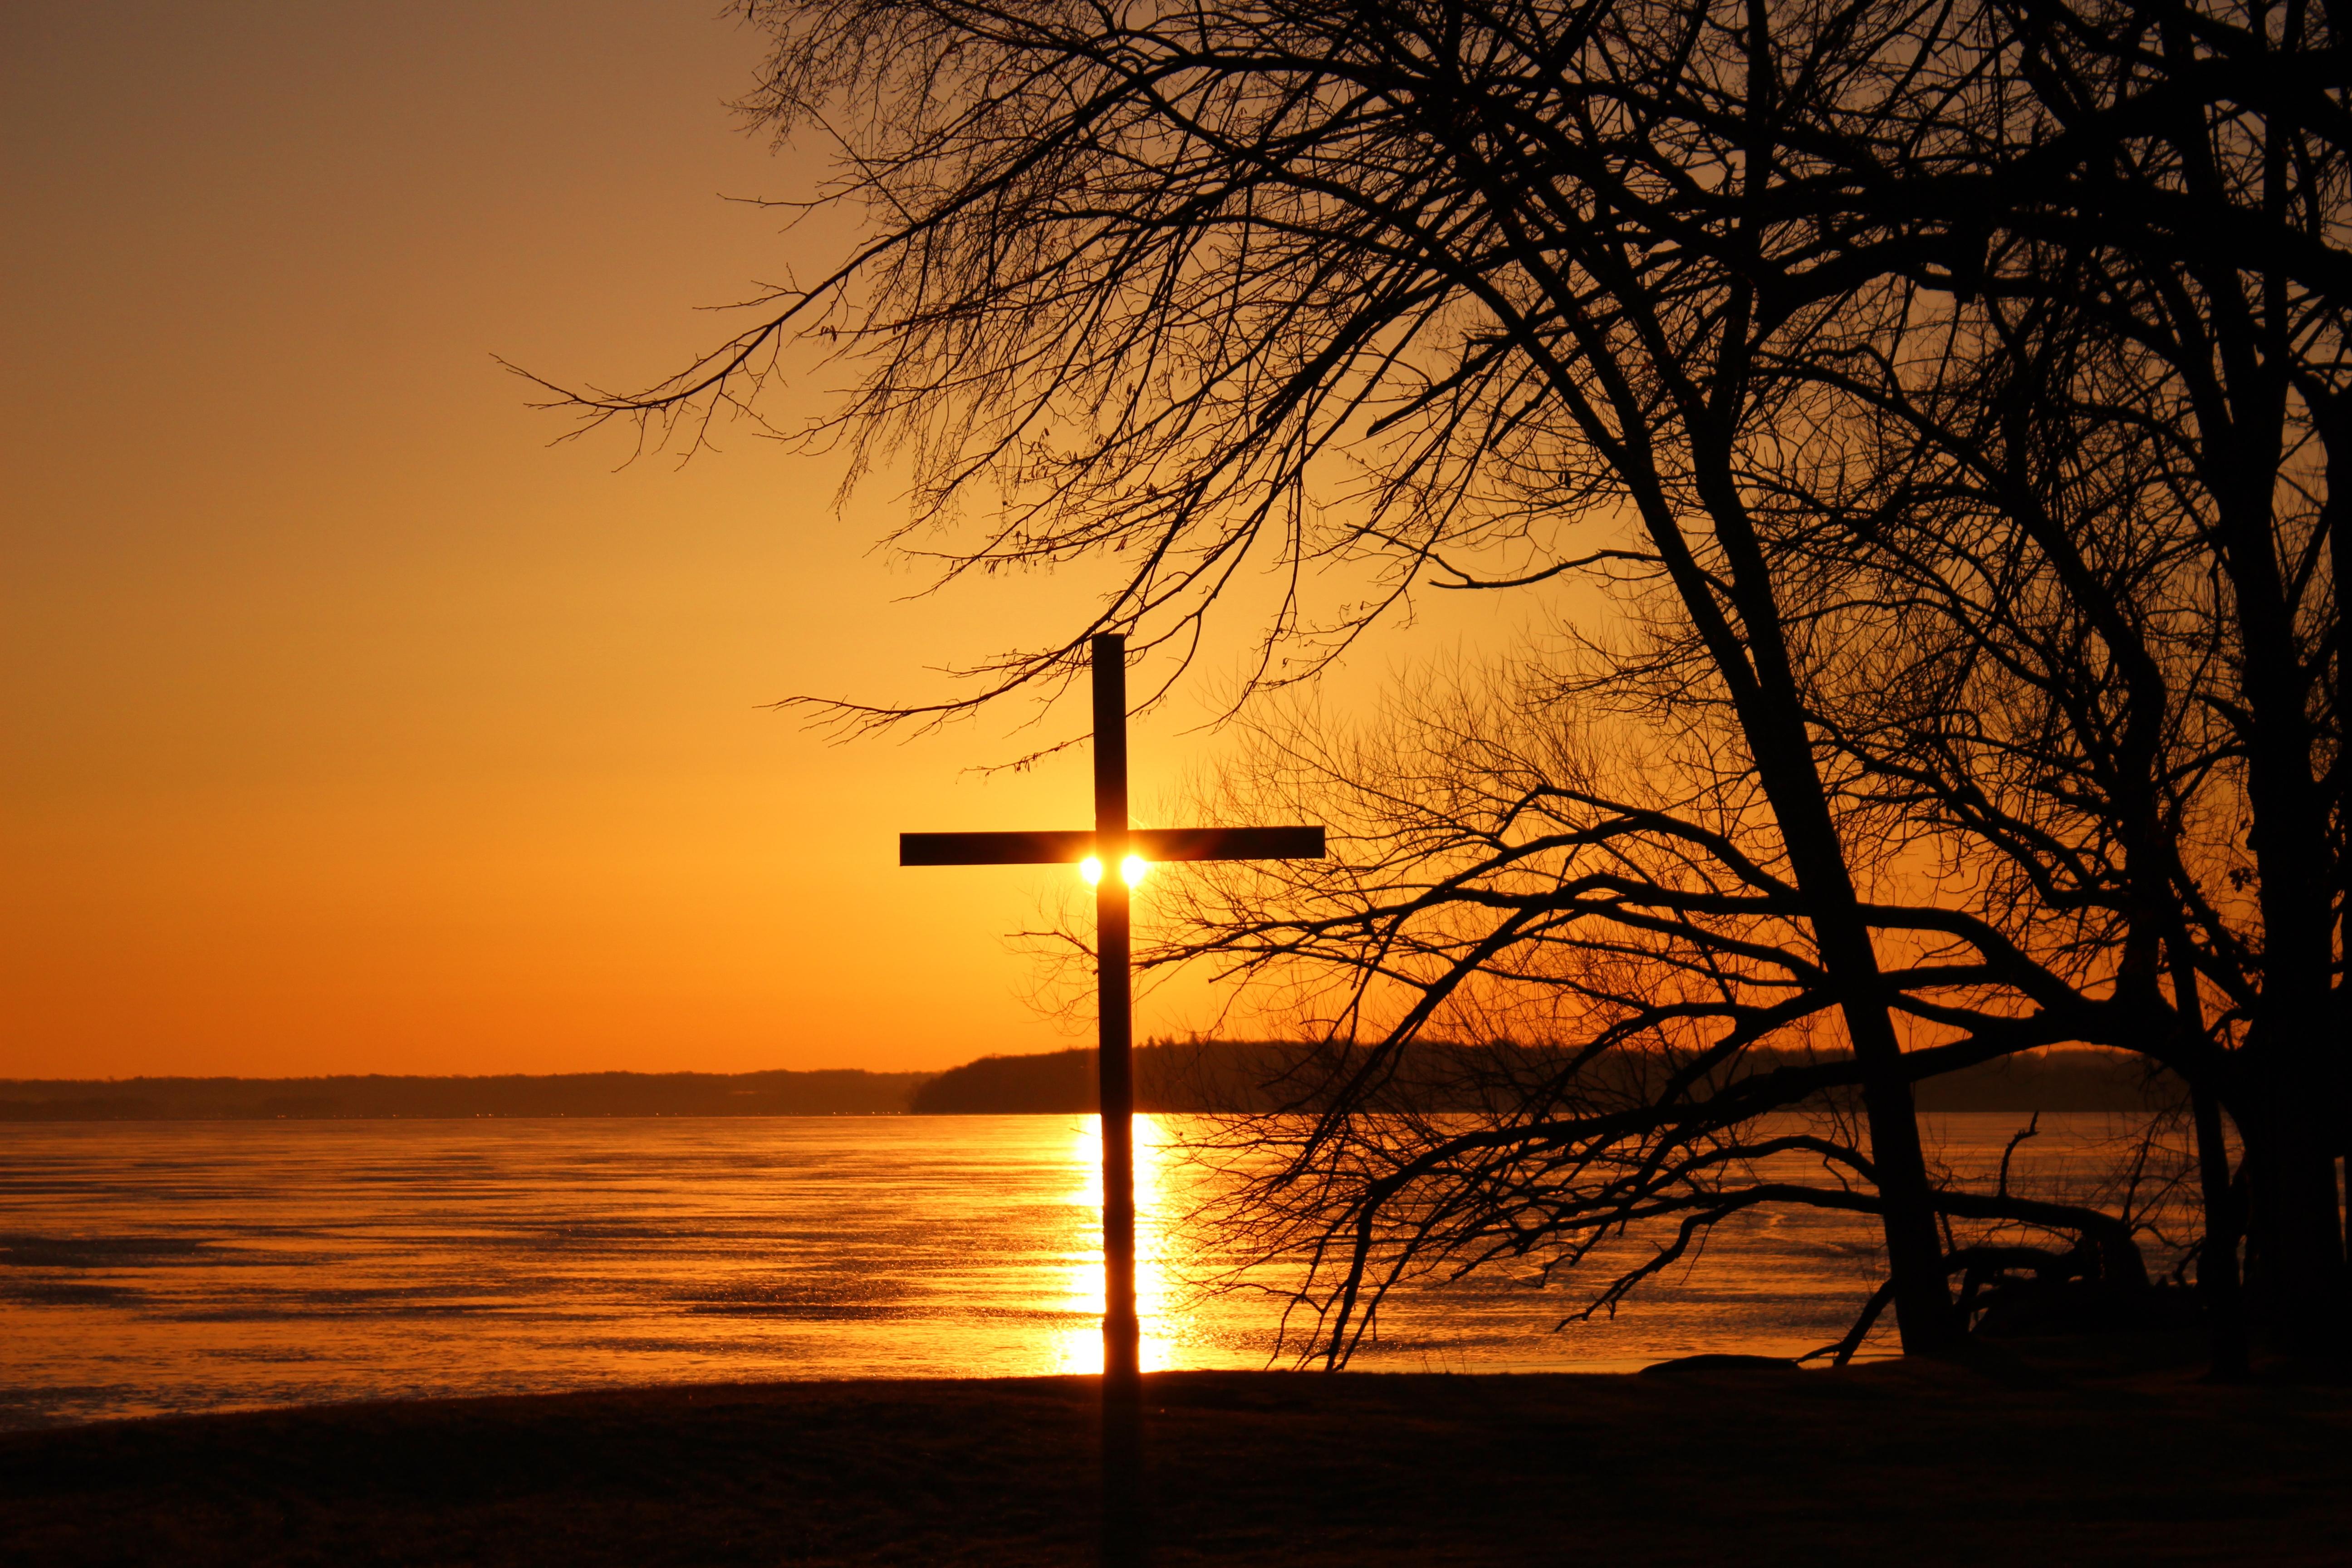 The Empty Cross is Full